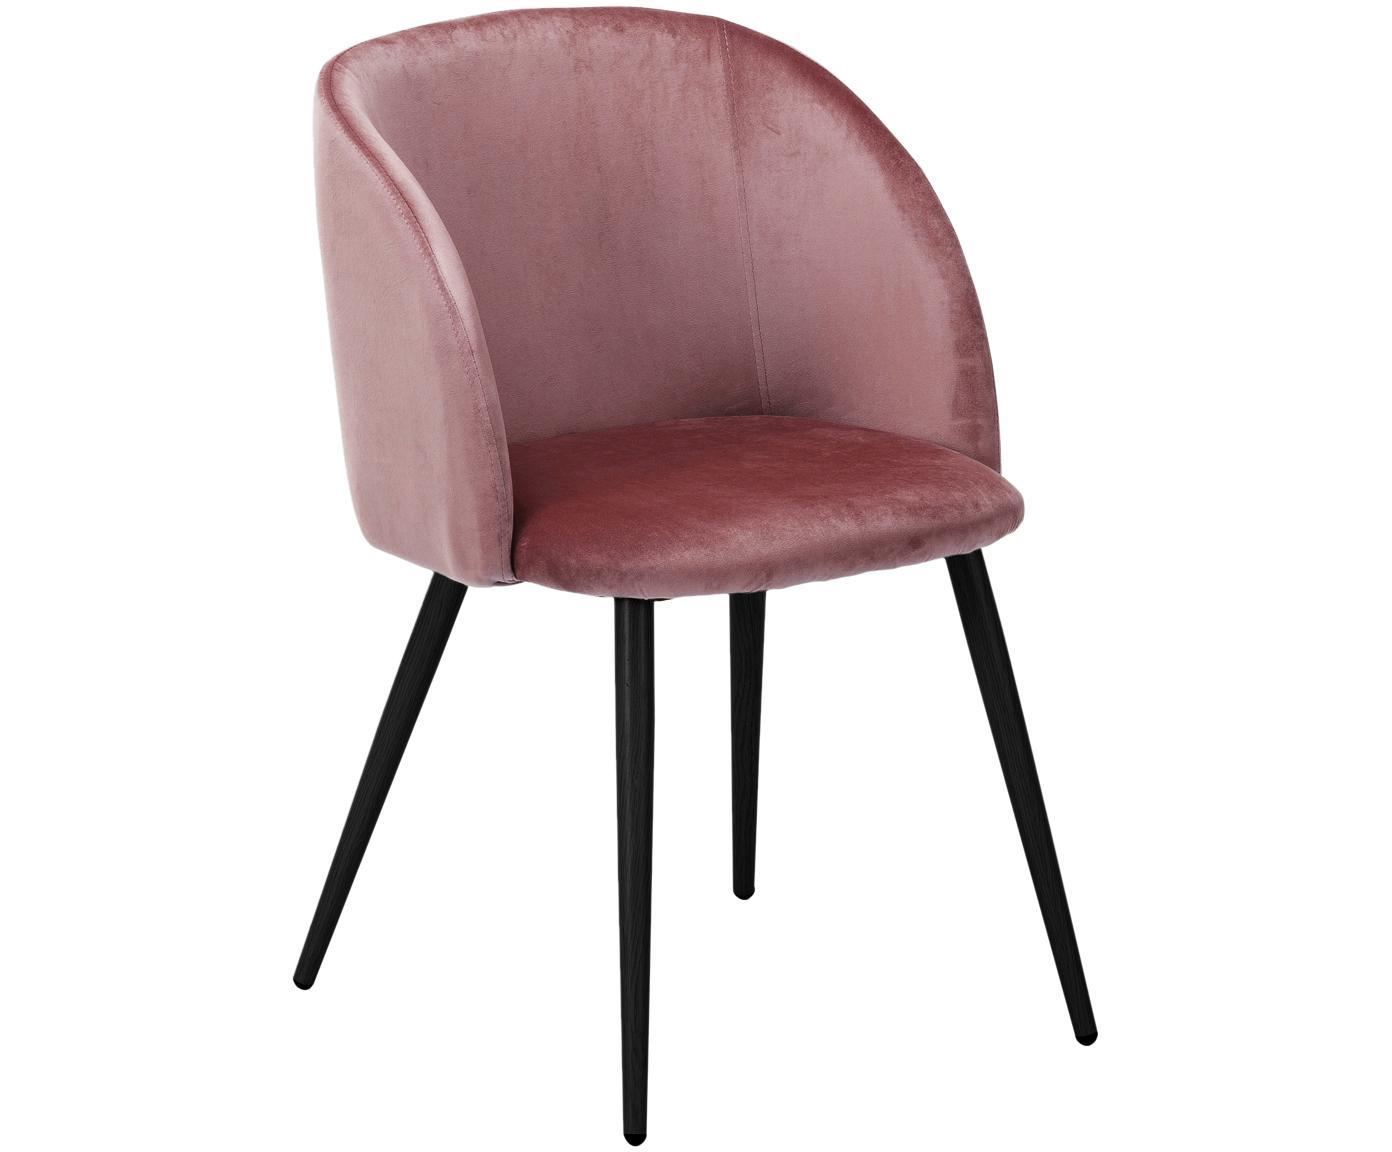 Sedia imbottita in velluto Yoki 2 pz, Rivestimento: velluto (poliestere) 20.0, Gambe: metallo verniciato a polv, Velluto rosa cipria, gambe nero, Larg. 53 x Prof. 57 cm